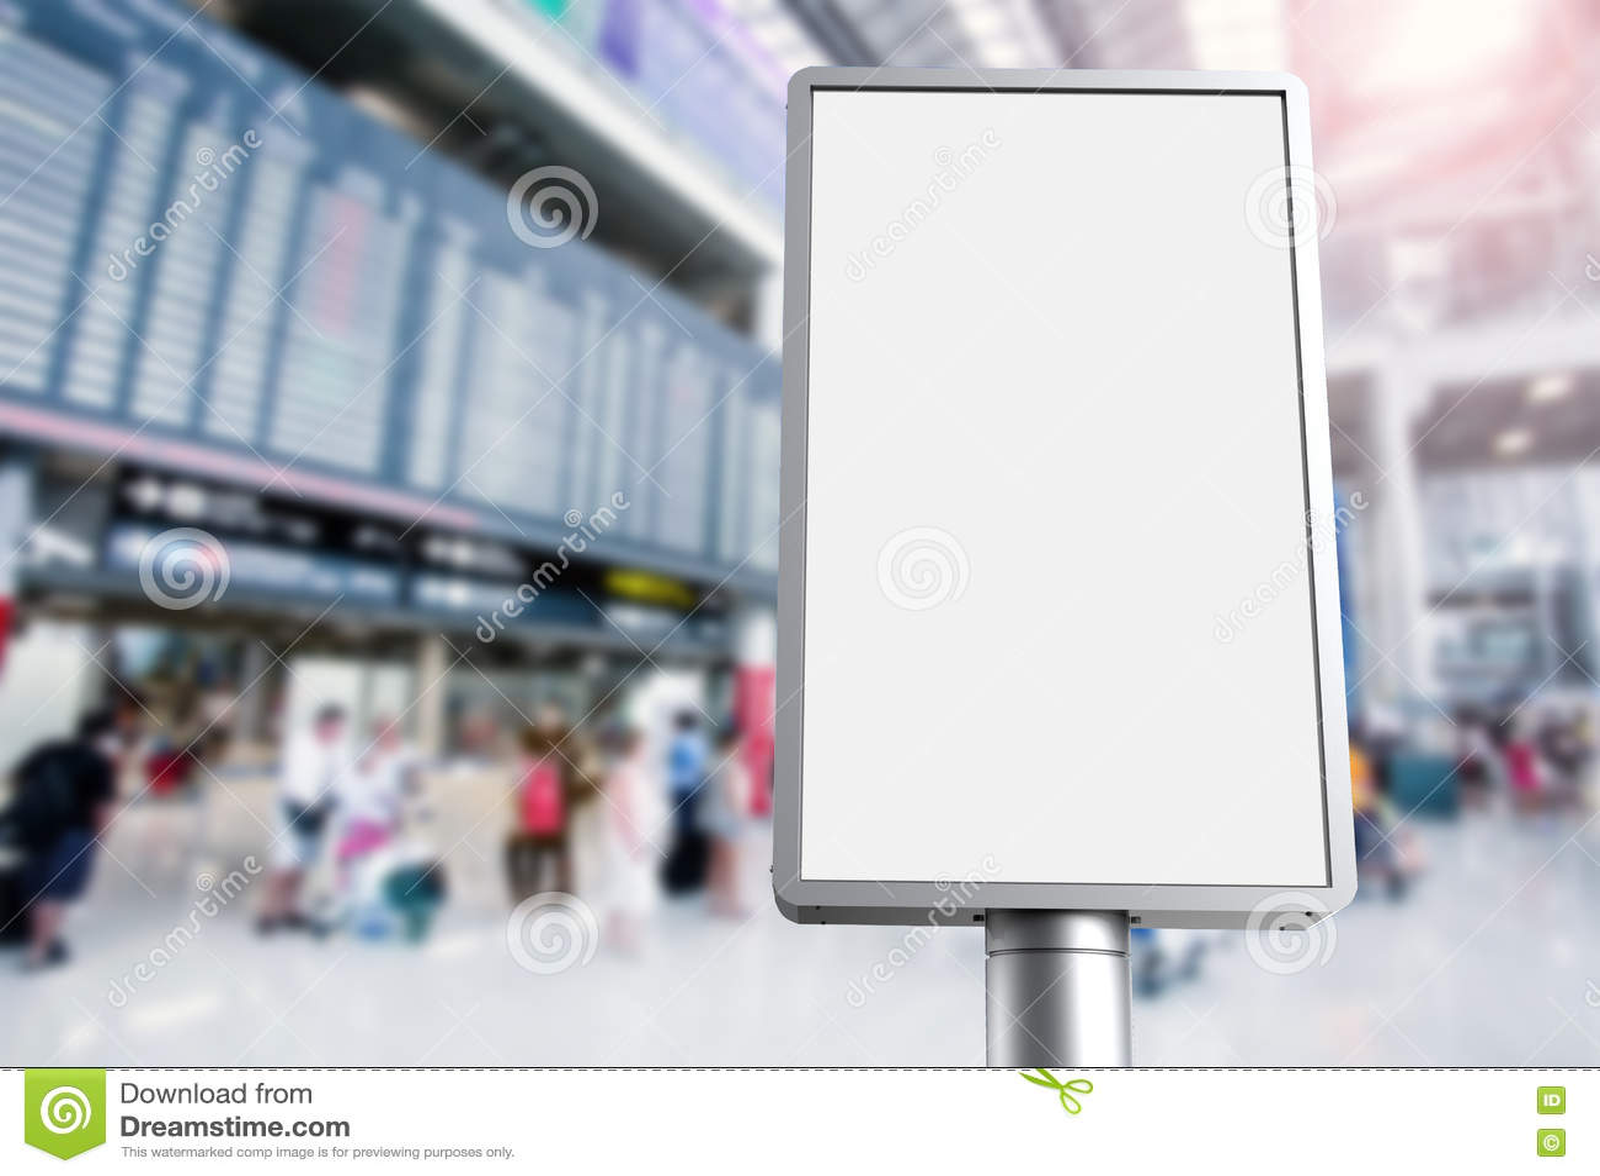 Vertikal affischtavla i flygplats